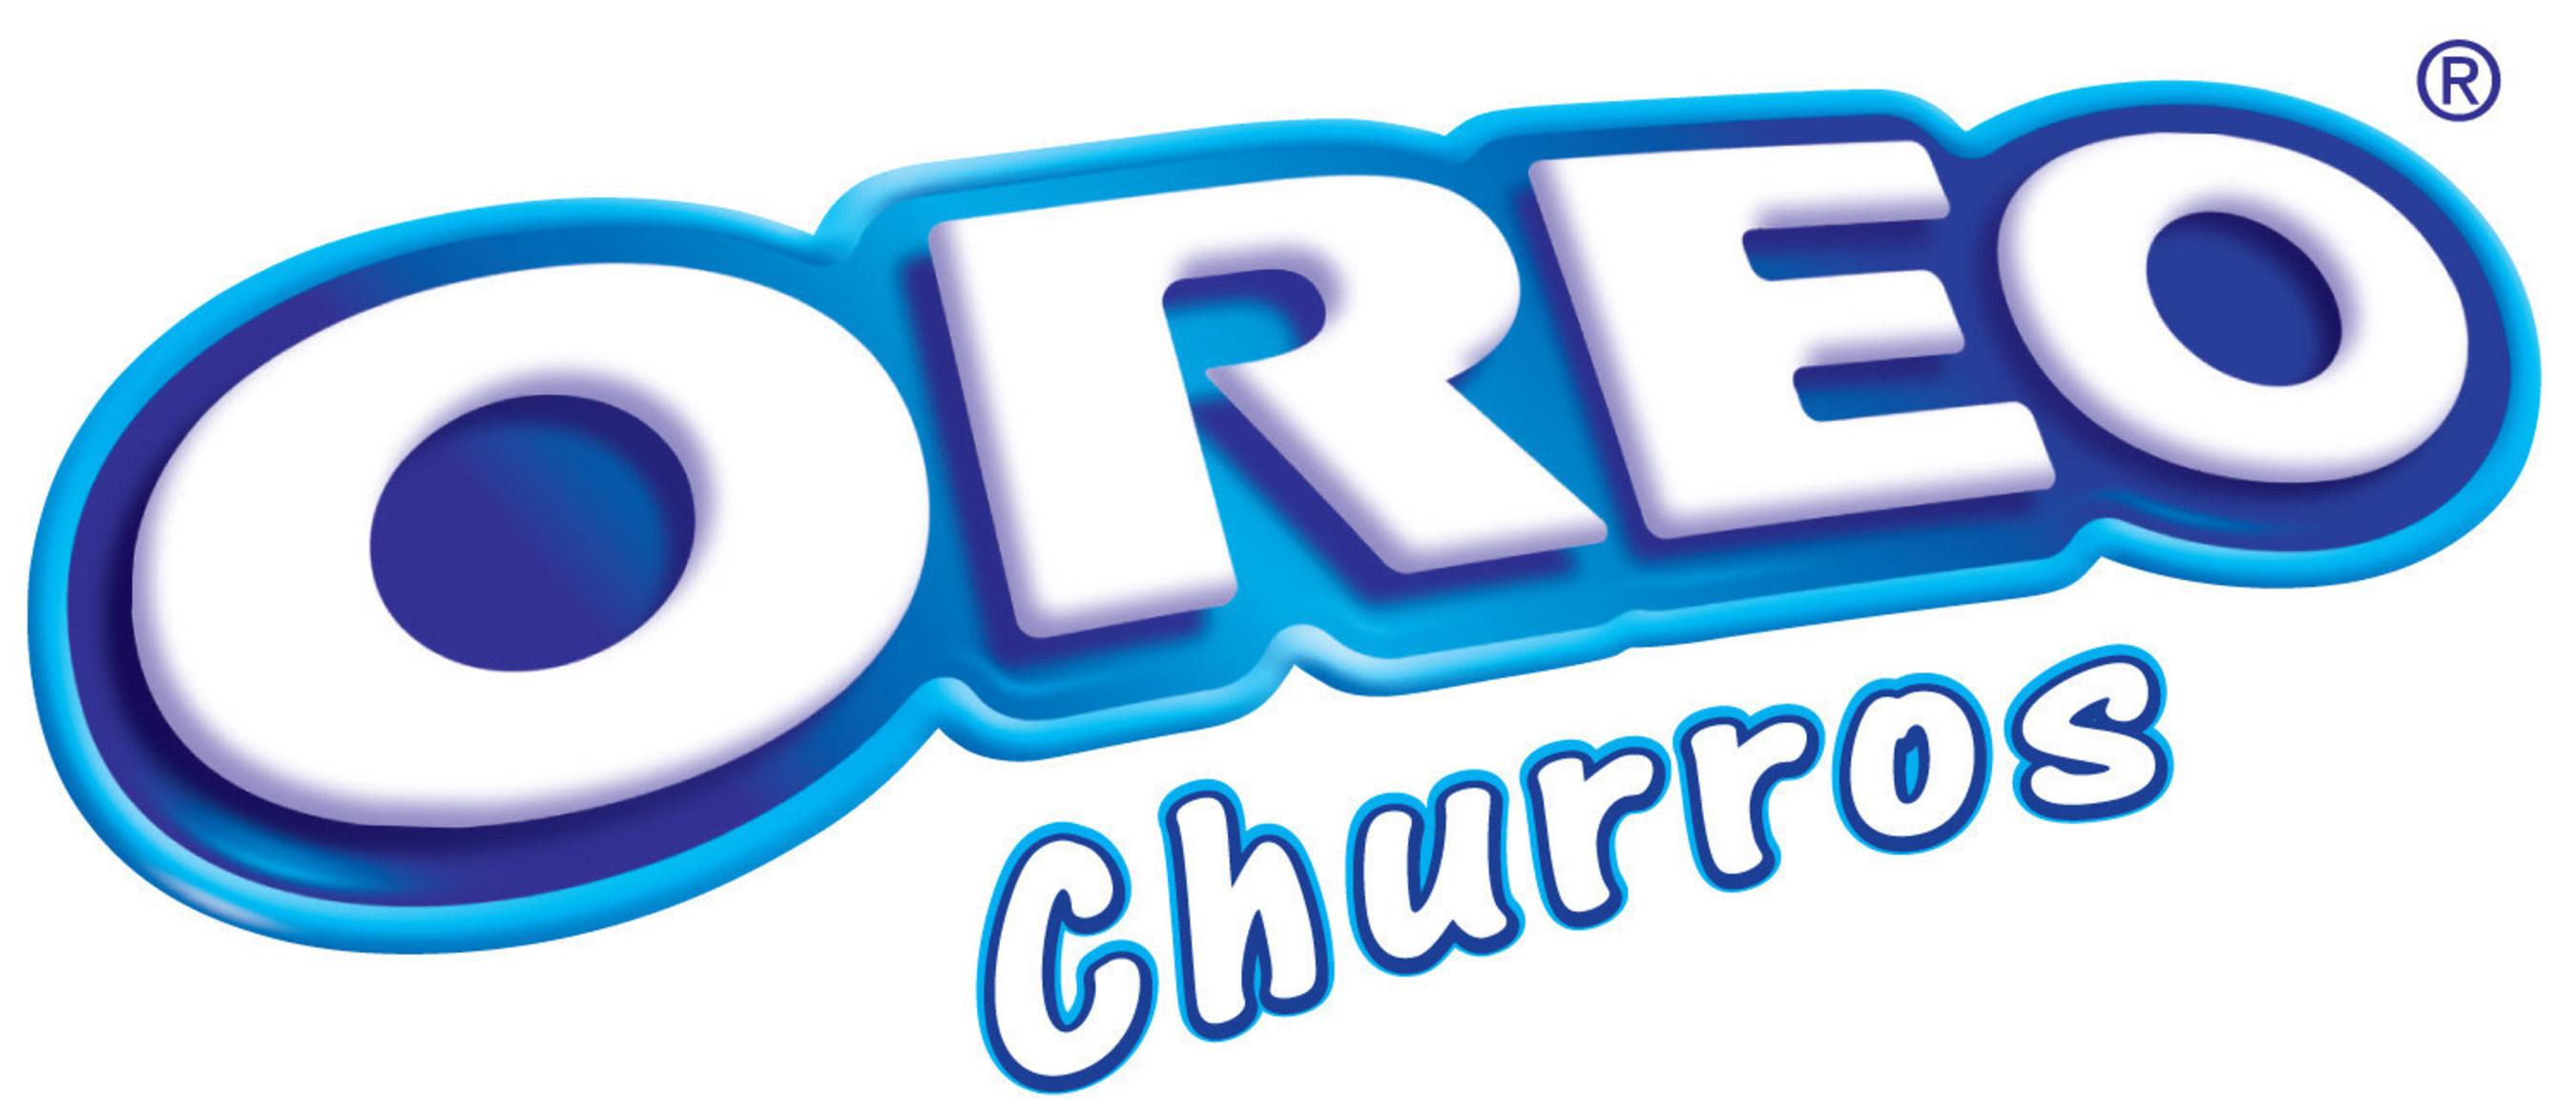 OREO(R) Churros Logo